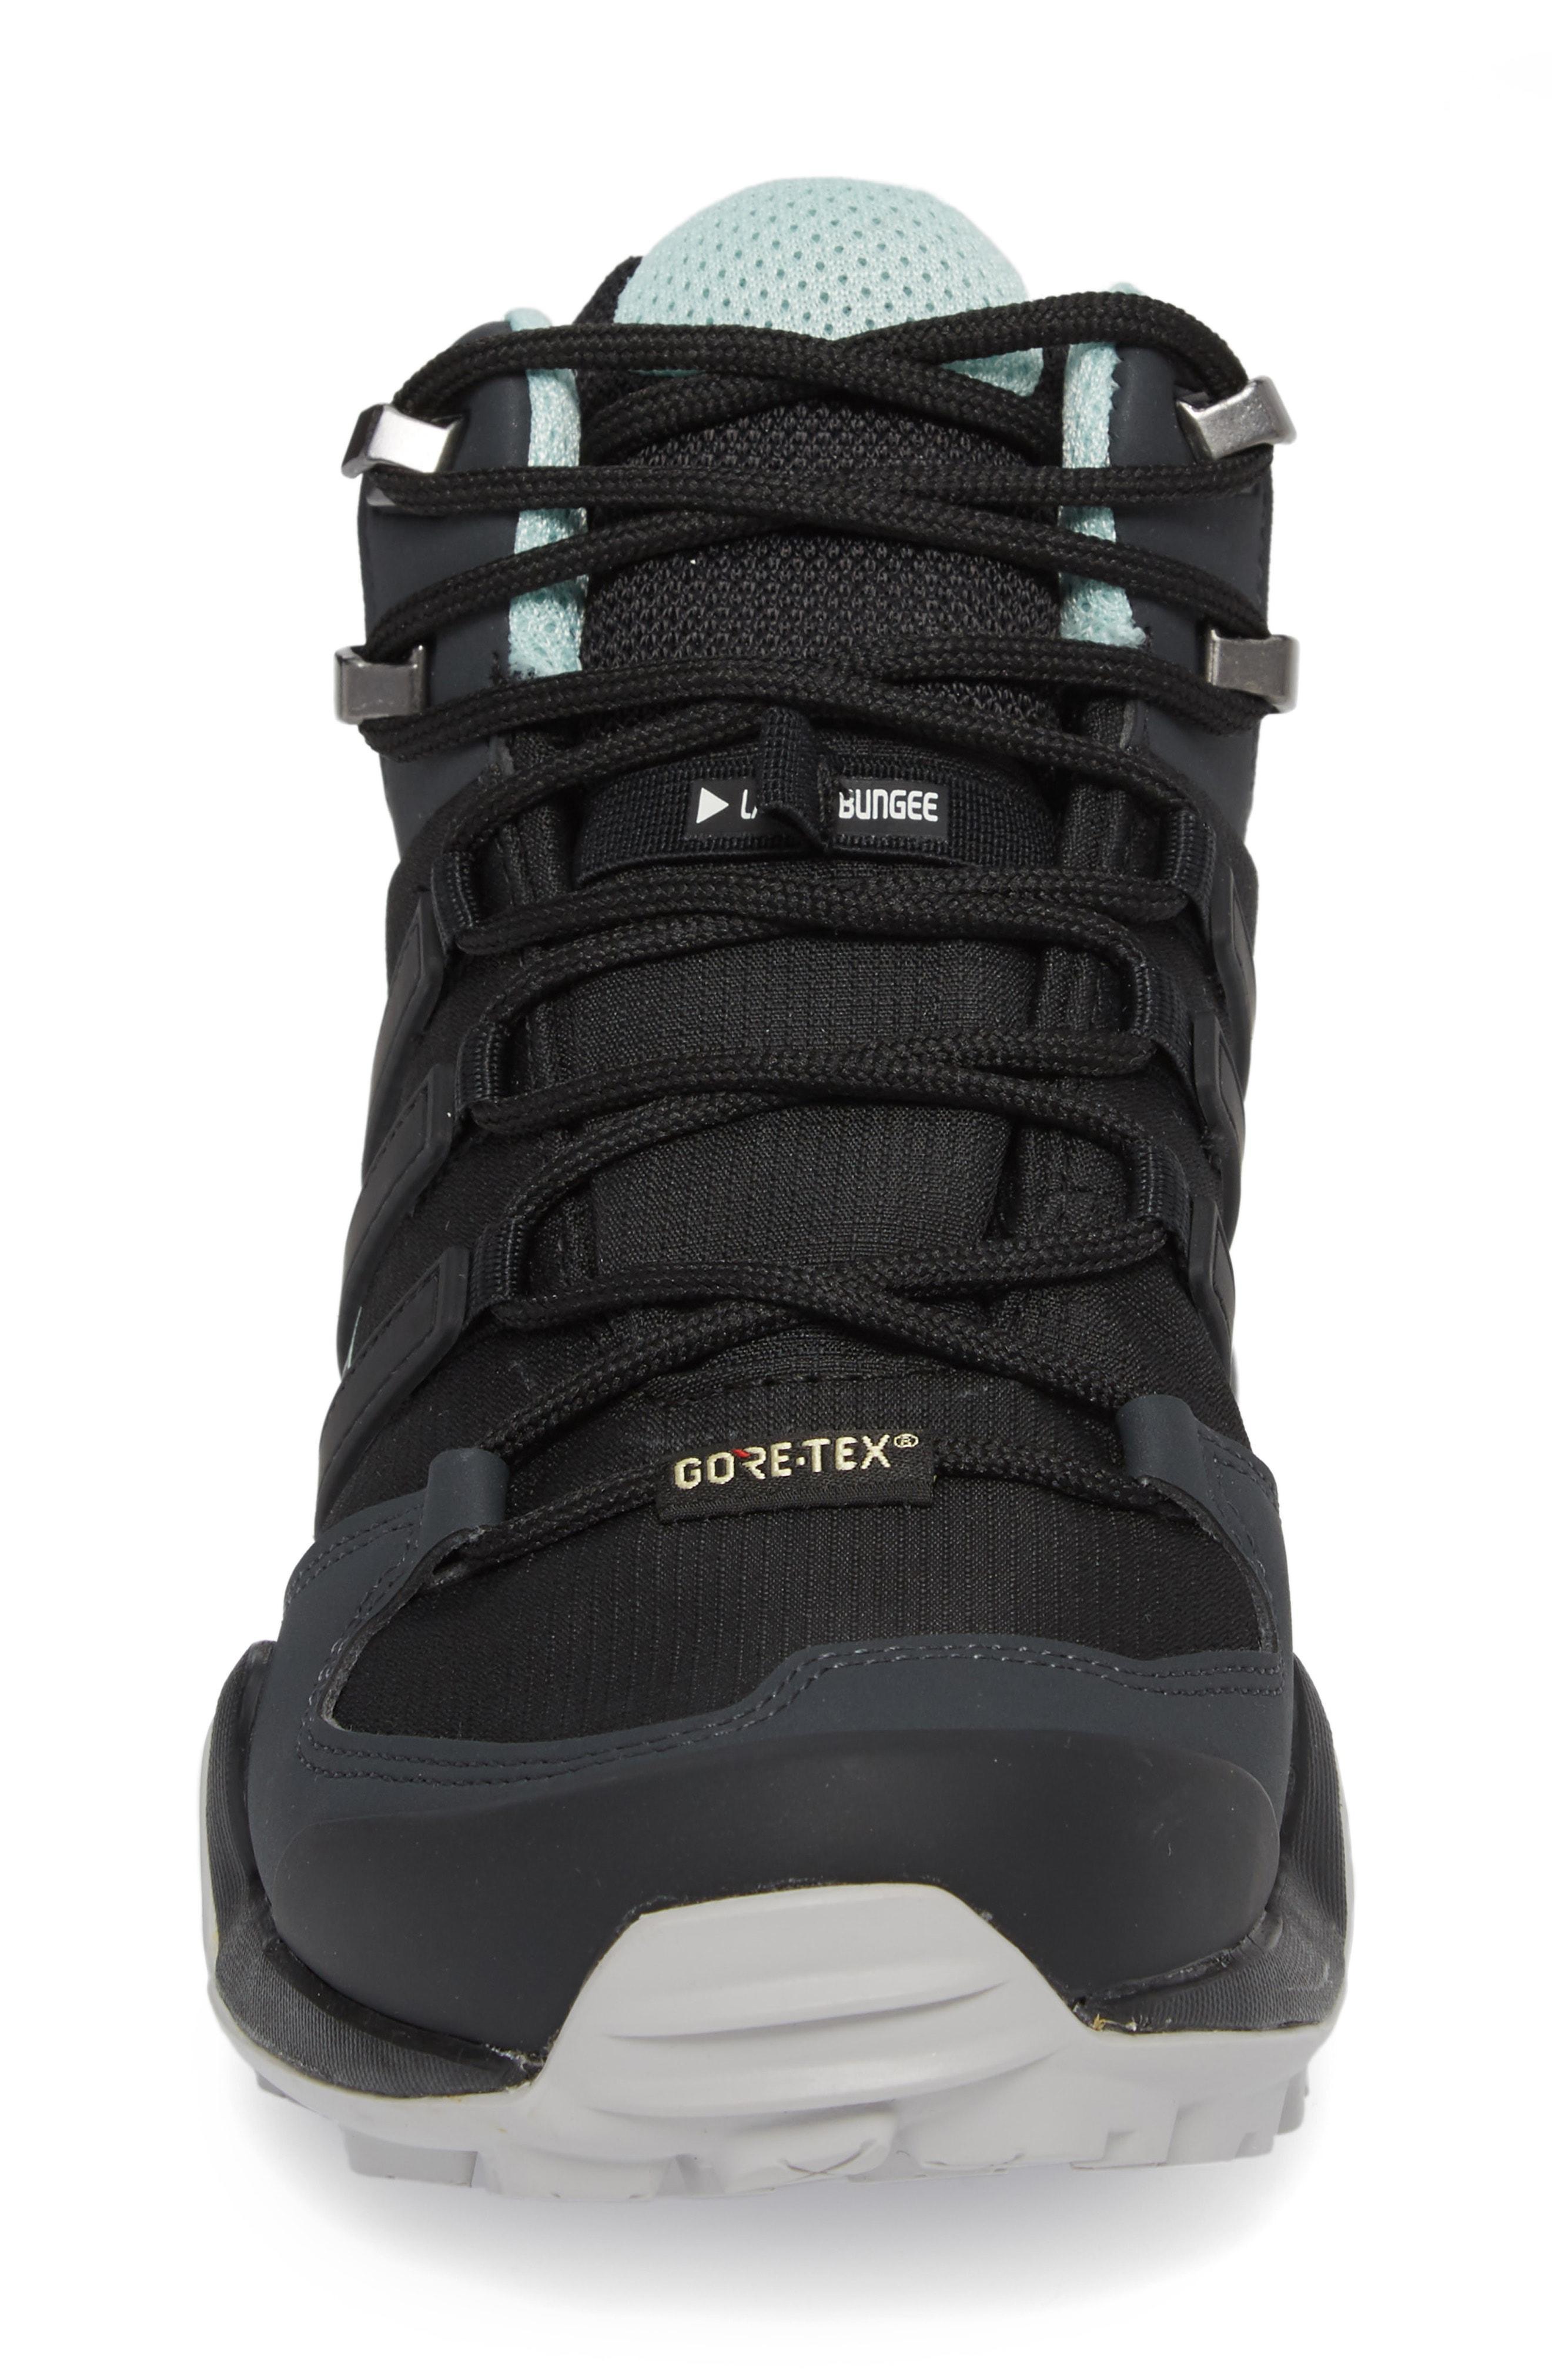 faf3b1db051 Adidas Originals Terrex Swift R2 Mid Gore-Tex Hiking Boot In Black  Black